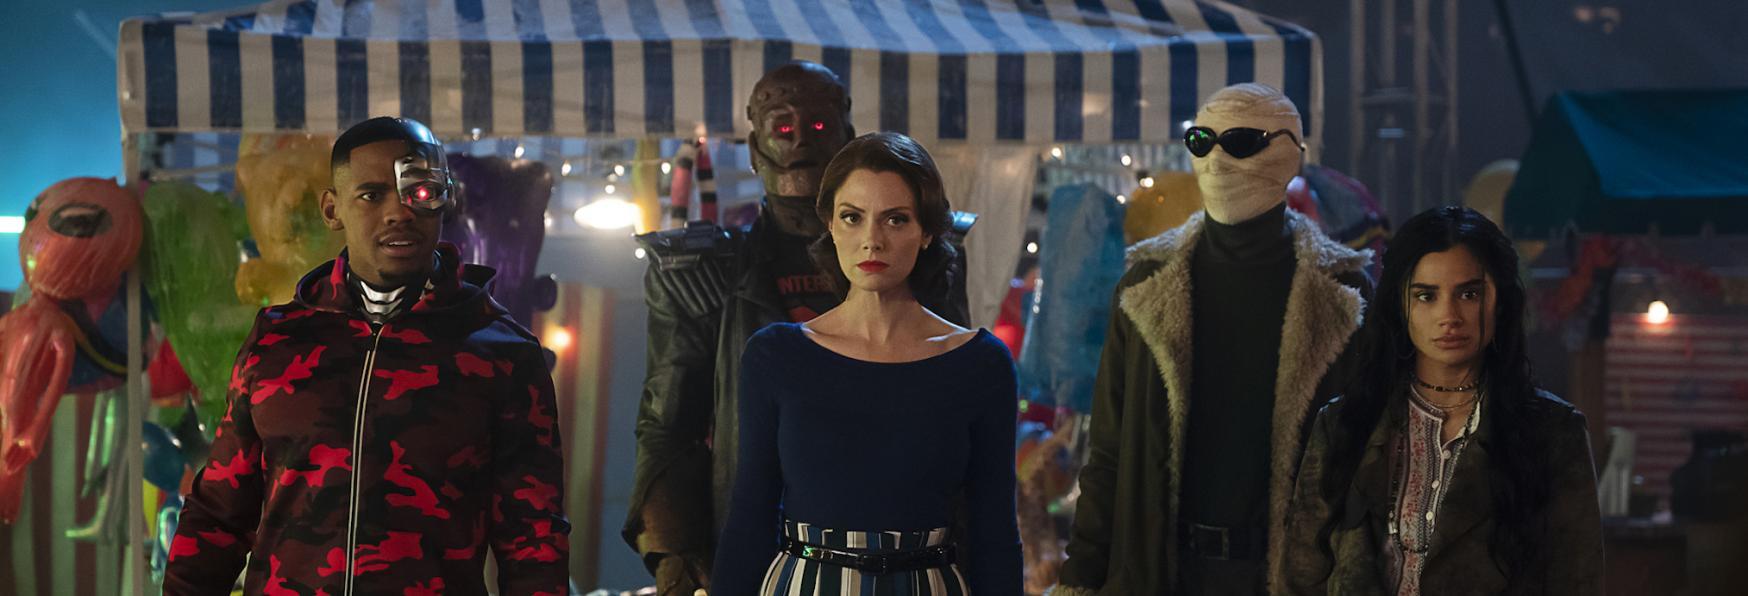 Doom Patrol 3: il Teaser Trailer e la Data di Uscita della nuova Stagione presto su HBO Max